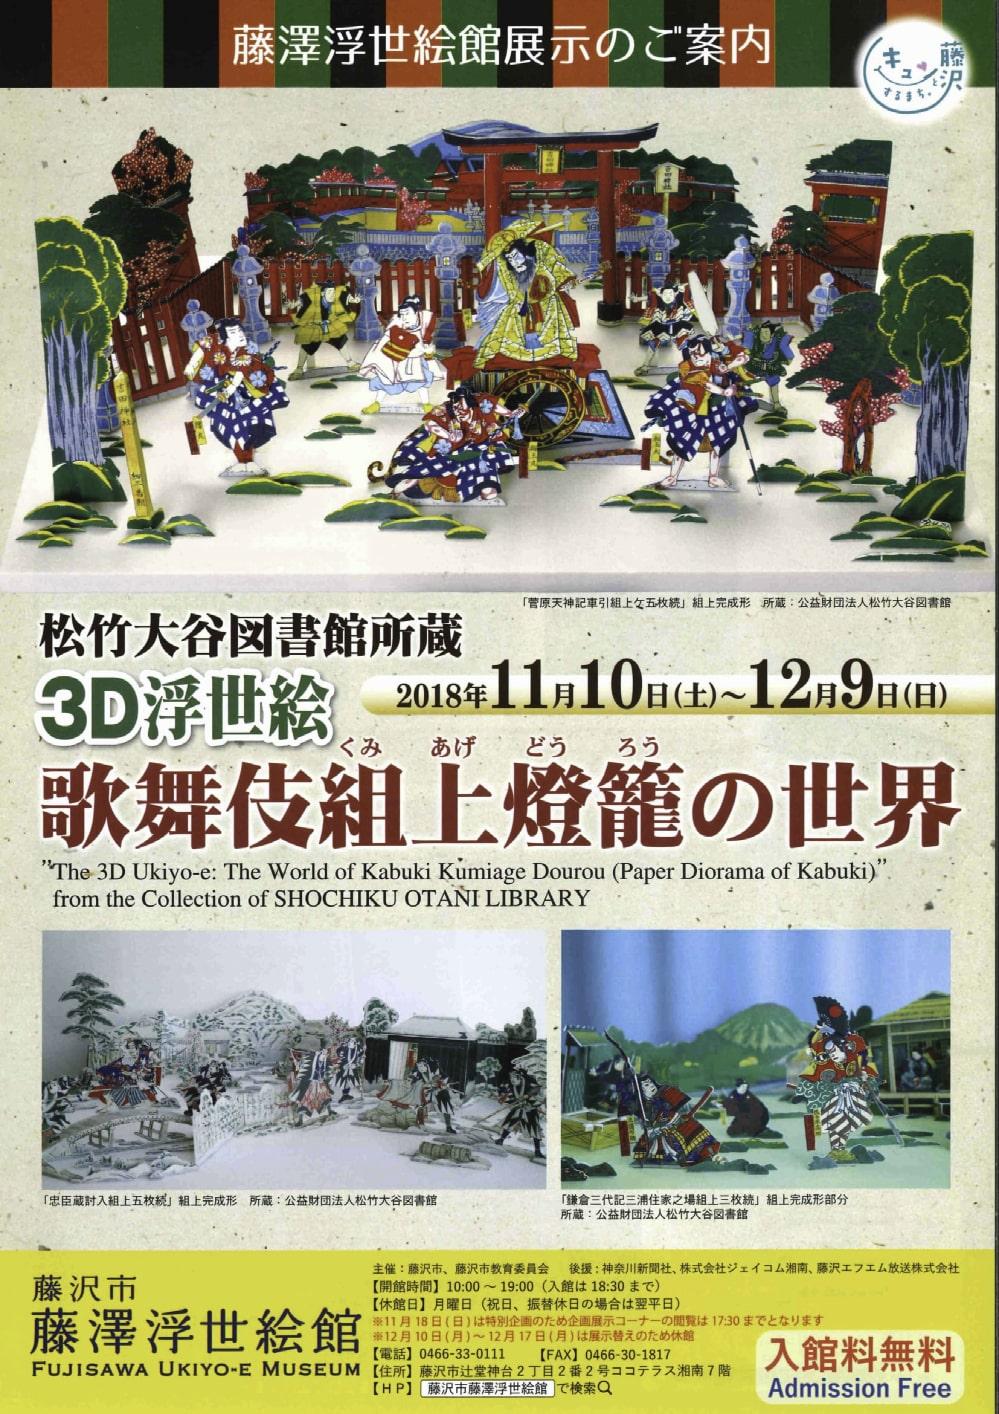 「松竹大谷図書館所蔵 3D浮世絵 歌舞伎組上燈籠の世界」展のお知らせ